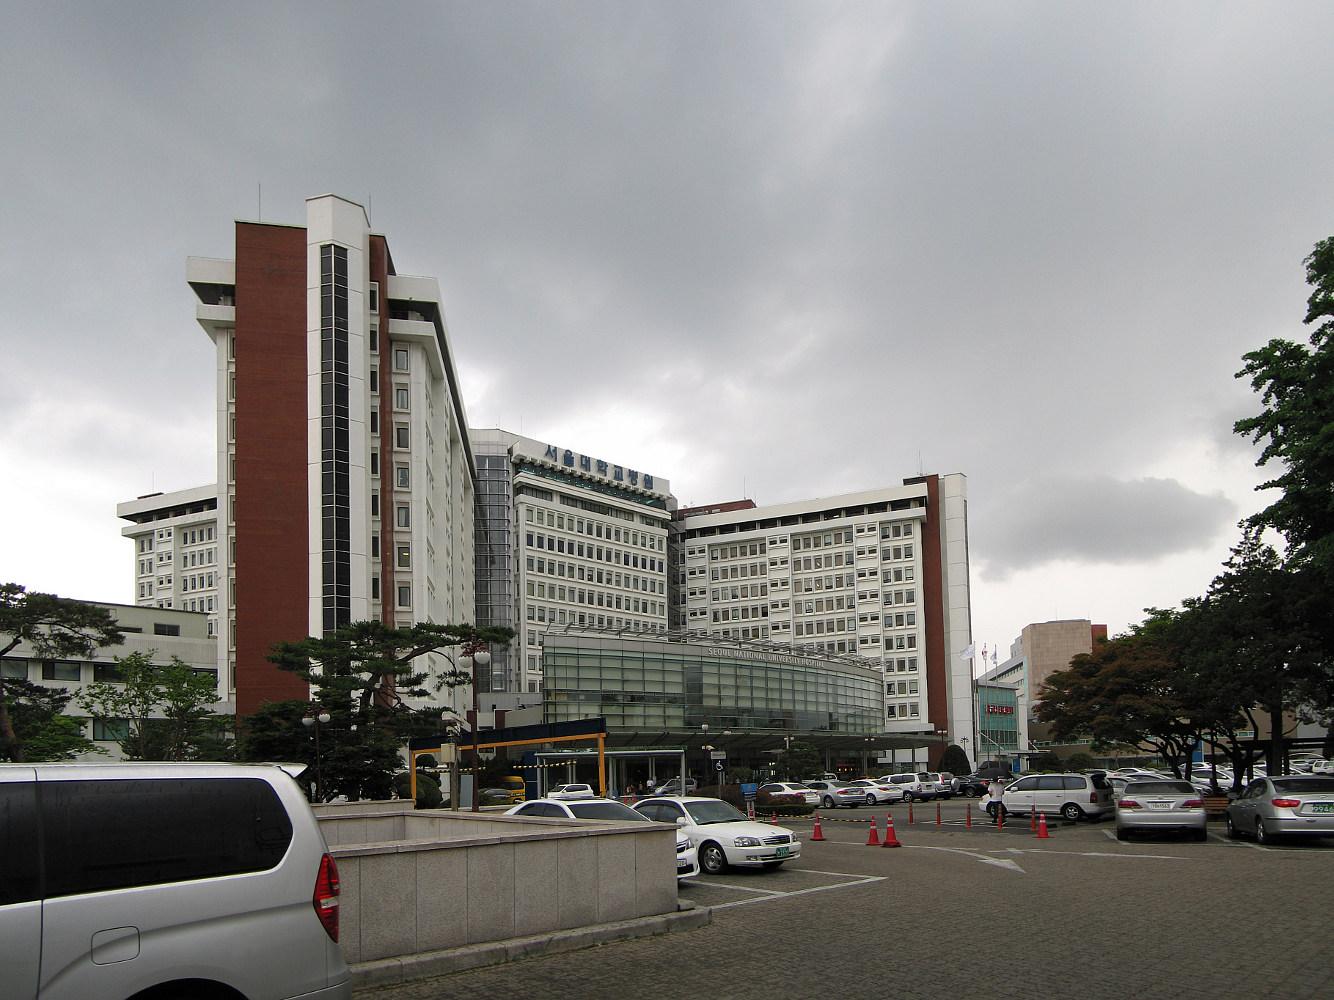 Von Weise Hospital Bed